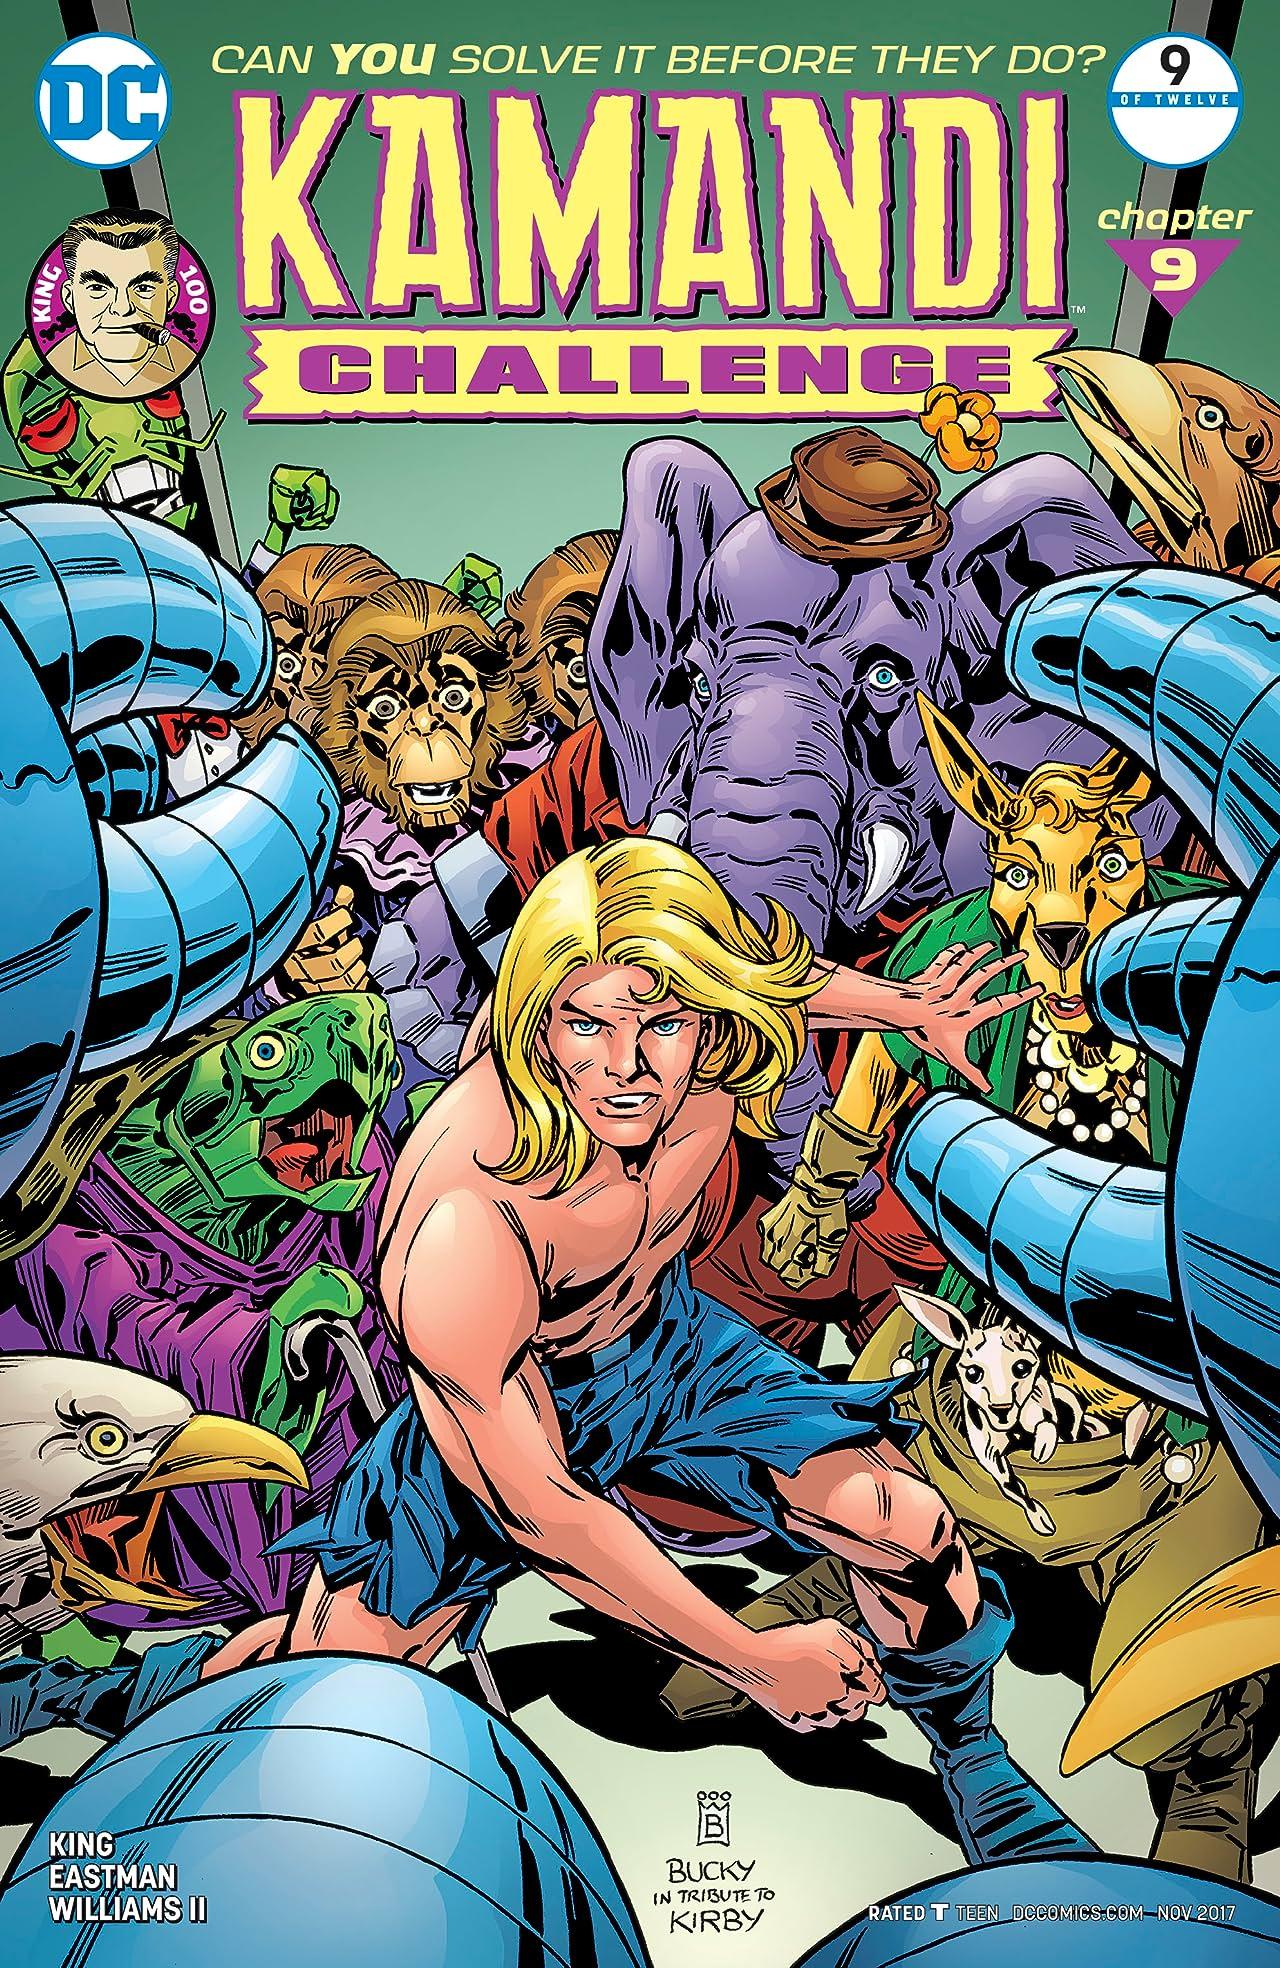 The Kamandi Challenge (2017) #9